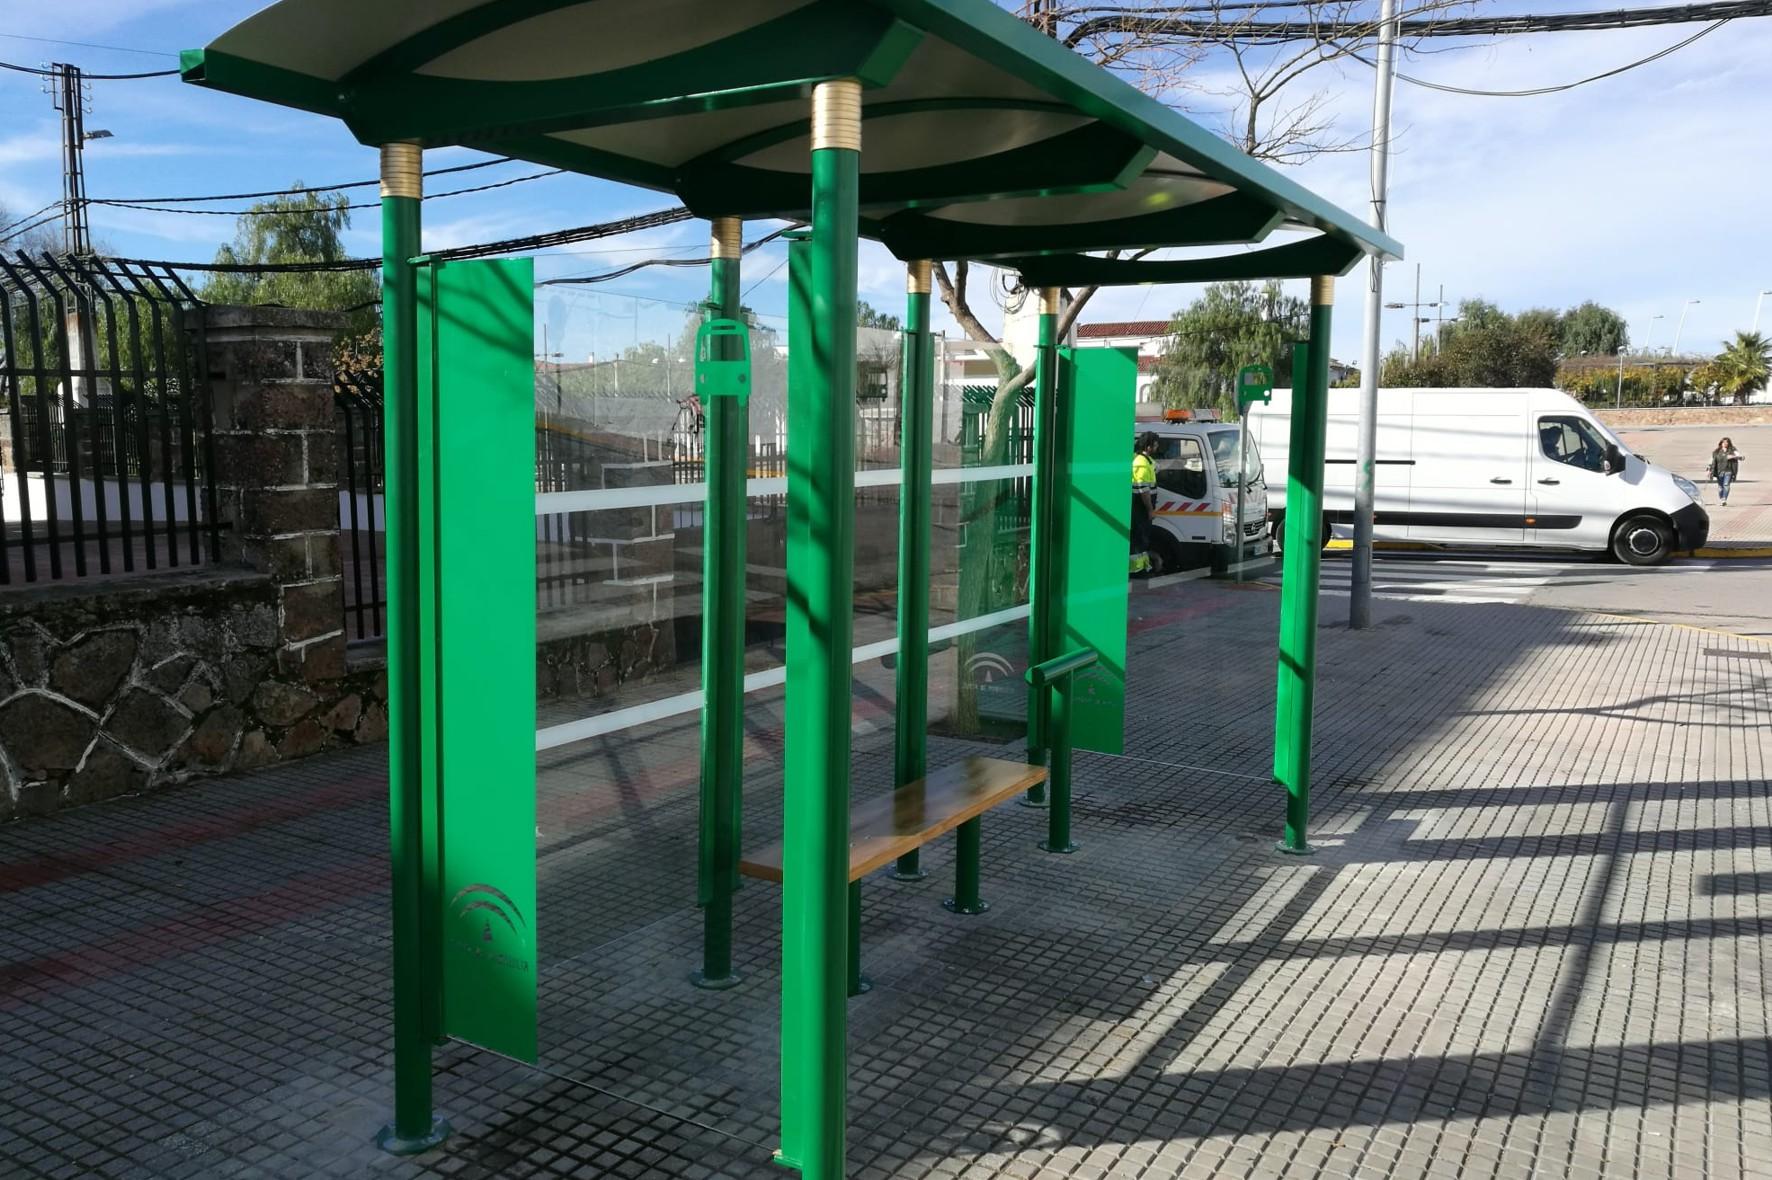 La Junta anuncia la colocación de 8 marquesinas de autobús en diferentes municipios de la provincia